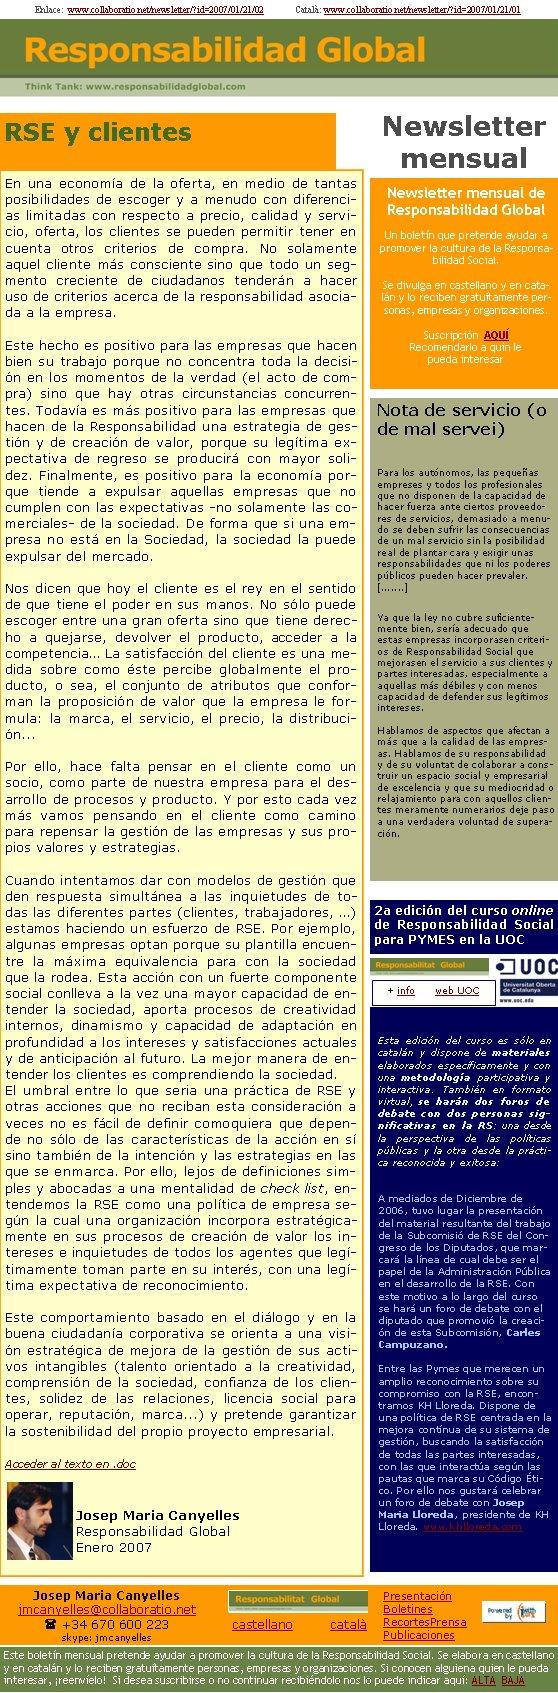 Enlace:  www.collaboratio.net/newsletter/?id=2007/01/21/02              Català: www.collaboratio.net/newsletter/?id=2007/01/21/01RSE y clientesEn una economía de la oferta, en medio de tantas posibilidades de escoger y a menudo con diferencias limitadas con respecto a precio, calidad y servicio, oferta, los clientes se pueden permitir tener en cuenta otros criterios de compra. No solamente aquel cliente más consciente sino que todo un segmento creciente de ciudadanos tenderán a hacer uso de criterios acerca de la responsabilidad asociada a la empresa.Este hecho es positivo para las empresas que hacen bien su trabajo porque no concentra toda la decisión en los momentos de la verdad (el acto de compra) sino que hay otras circunstancias concurrentes. Todavía es más positivo para las empresas que hacen de la Responsabilidad una estrategia de gestión y de creación de valor, porque su legítima expectativa de regreso se producirá con mayor solidez. Finalmente, es positivo para la economía porque tiende a expulsar aquellas empresas que no cumplen con las expectativas -no solamente las comerciales- de la sociedad. De forma que si una empresa no está en la Sociedad, la sociedad la puede expulsar del mercado. Nos dicen que hoy el cliente es el rey en el sentido de que tiene el poder en sus manos. No sólo puede escoger entre una gran oferta sino que tiene derecho a quejarse, devolver el producto, acceder a la competencia… La satisfacción del cliente es una medida sobre como éste percibe globalmente el producto, o sea, el conjunto de atributos que conforman la proposición de valor que la empresa le formula: la marca, el servicio, el precio, la distribución... Por ello, hace falta pensar en el cliente como un socio, como parte de nuestra empresa para el desarrollo de procesos y producto. Y por esto cada vez más vamos pensando en el cliente como camino para repensar la gestión de las empresas y sus propios valores y estrategias.Cuando intentamos dar con modelos de gestión que den 